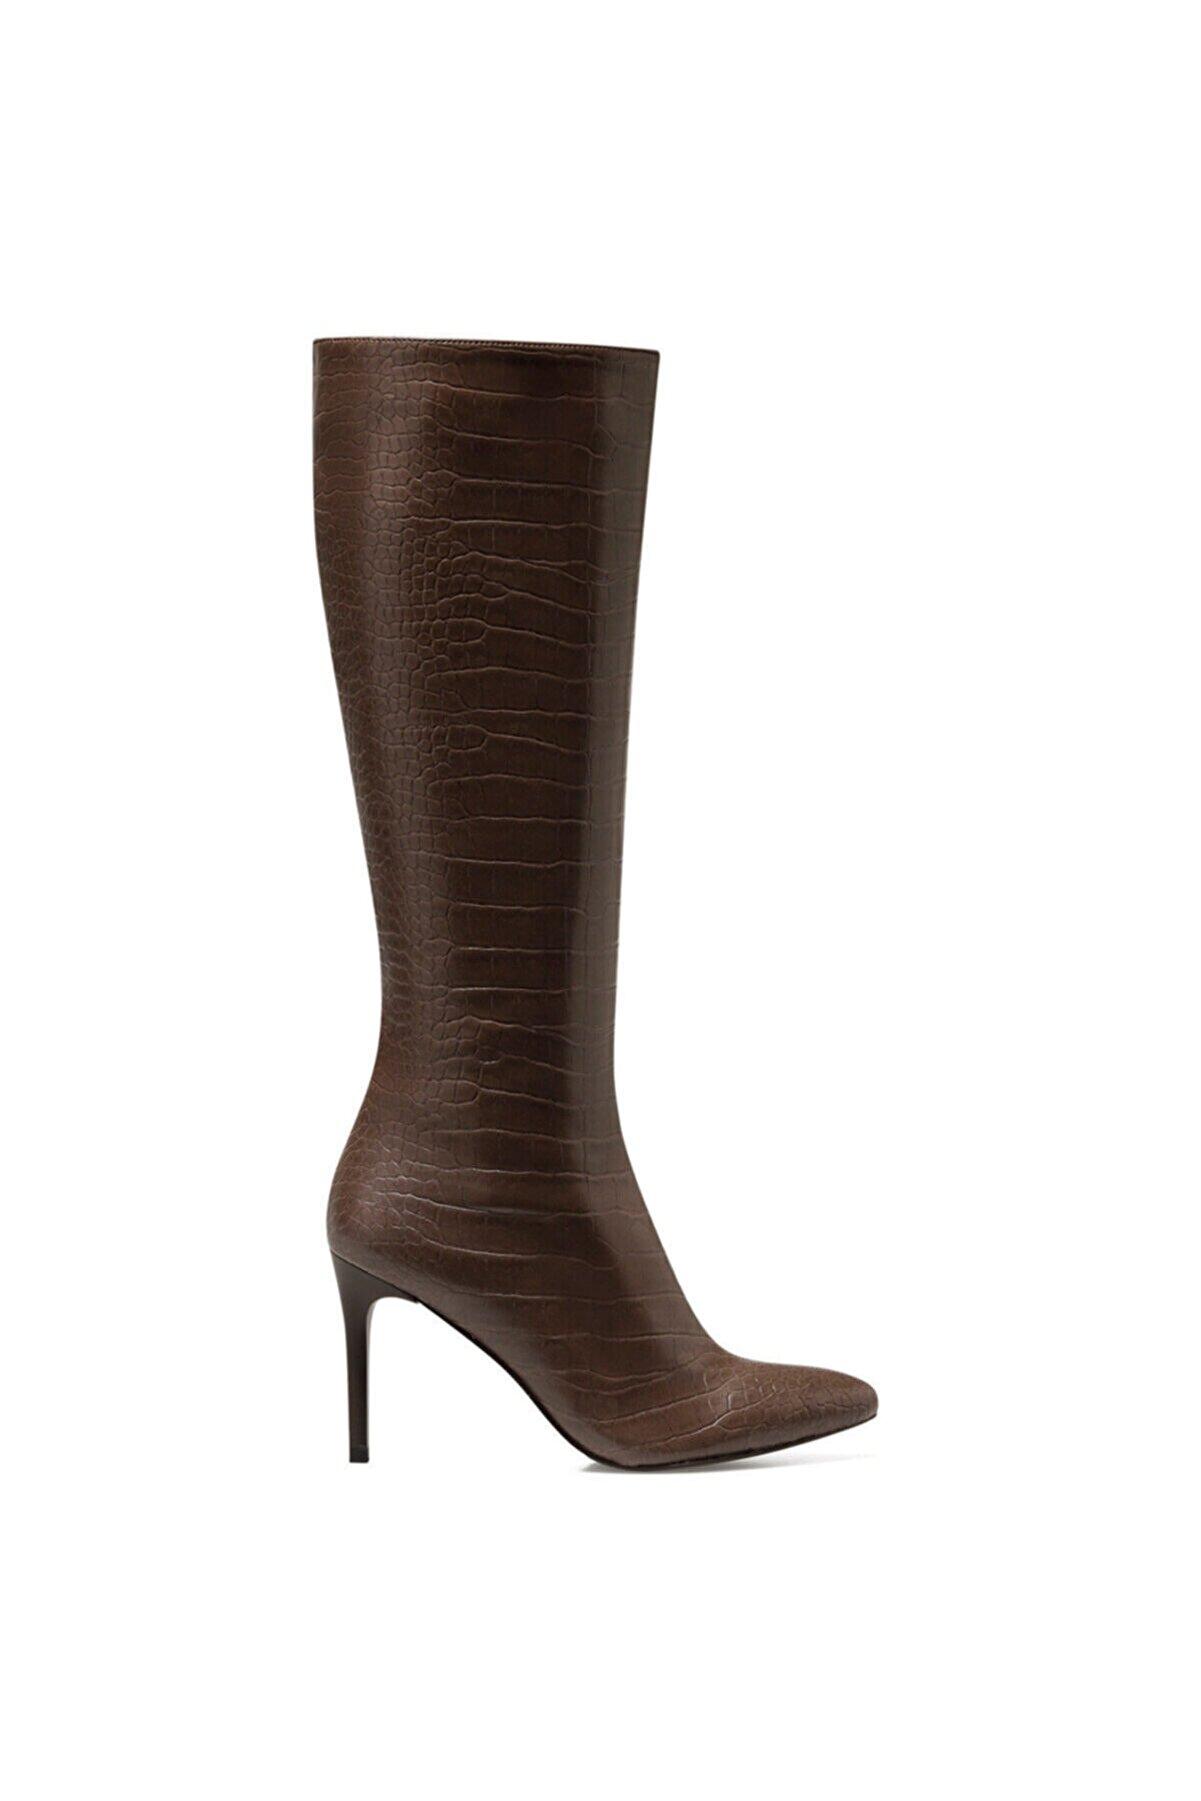 Nine West KAREN-CR Kahverengi Kadın Ökçeli Çizme 100581991